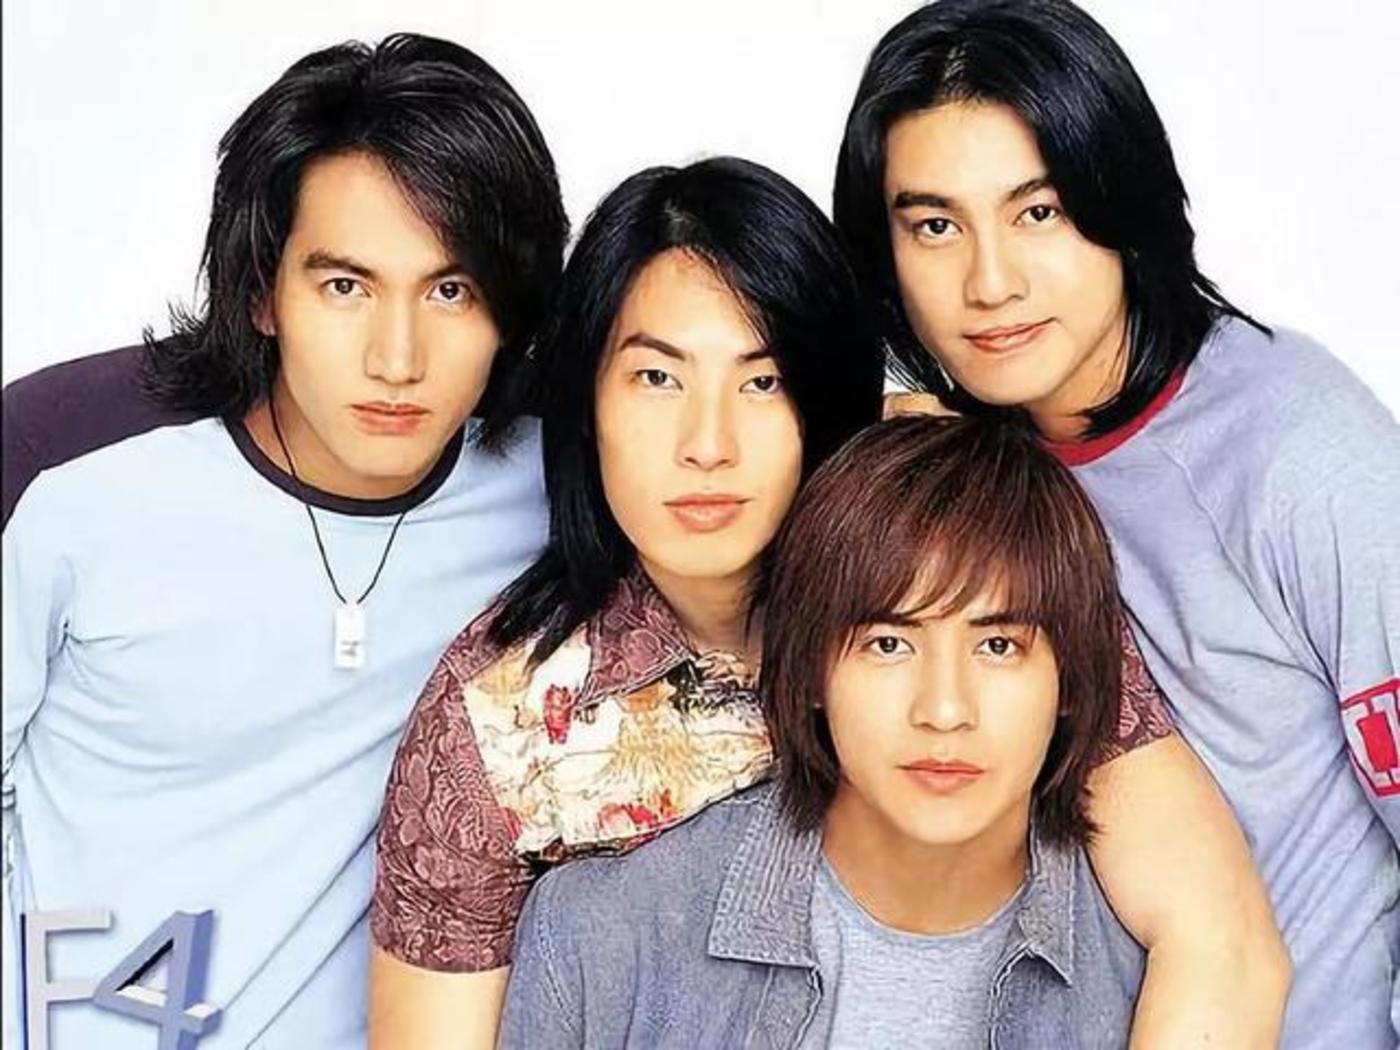 Giữa dịch Corona, các tín đồ làm đẹp bỗng leo lên top Weibo vì nỗi khổ tóc tai không tiệm cắt tóc nào thấu! - Ảnh 2.